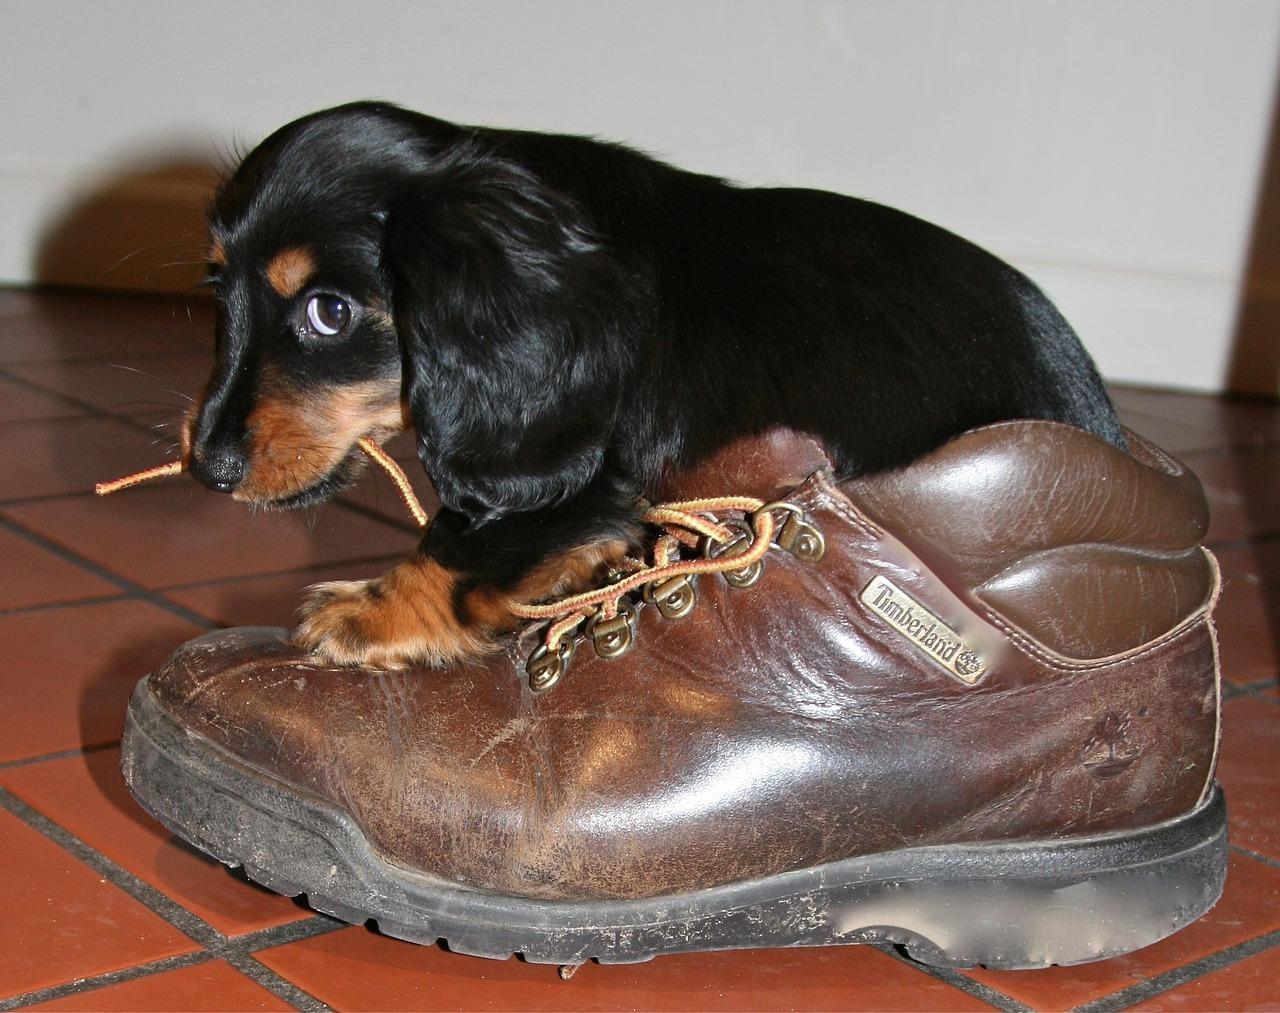 I falsi miti su come educare un cane